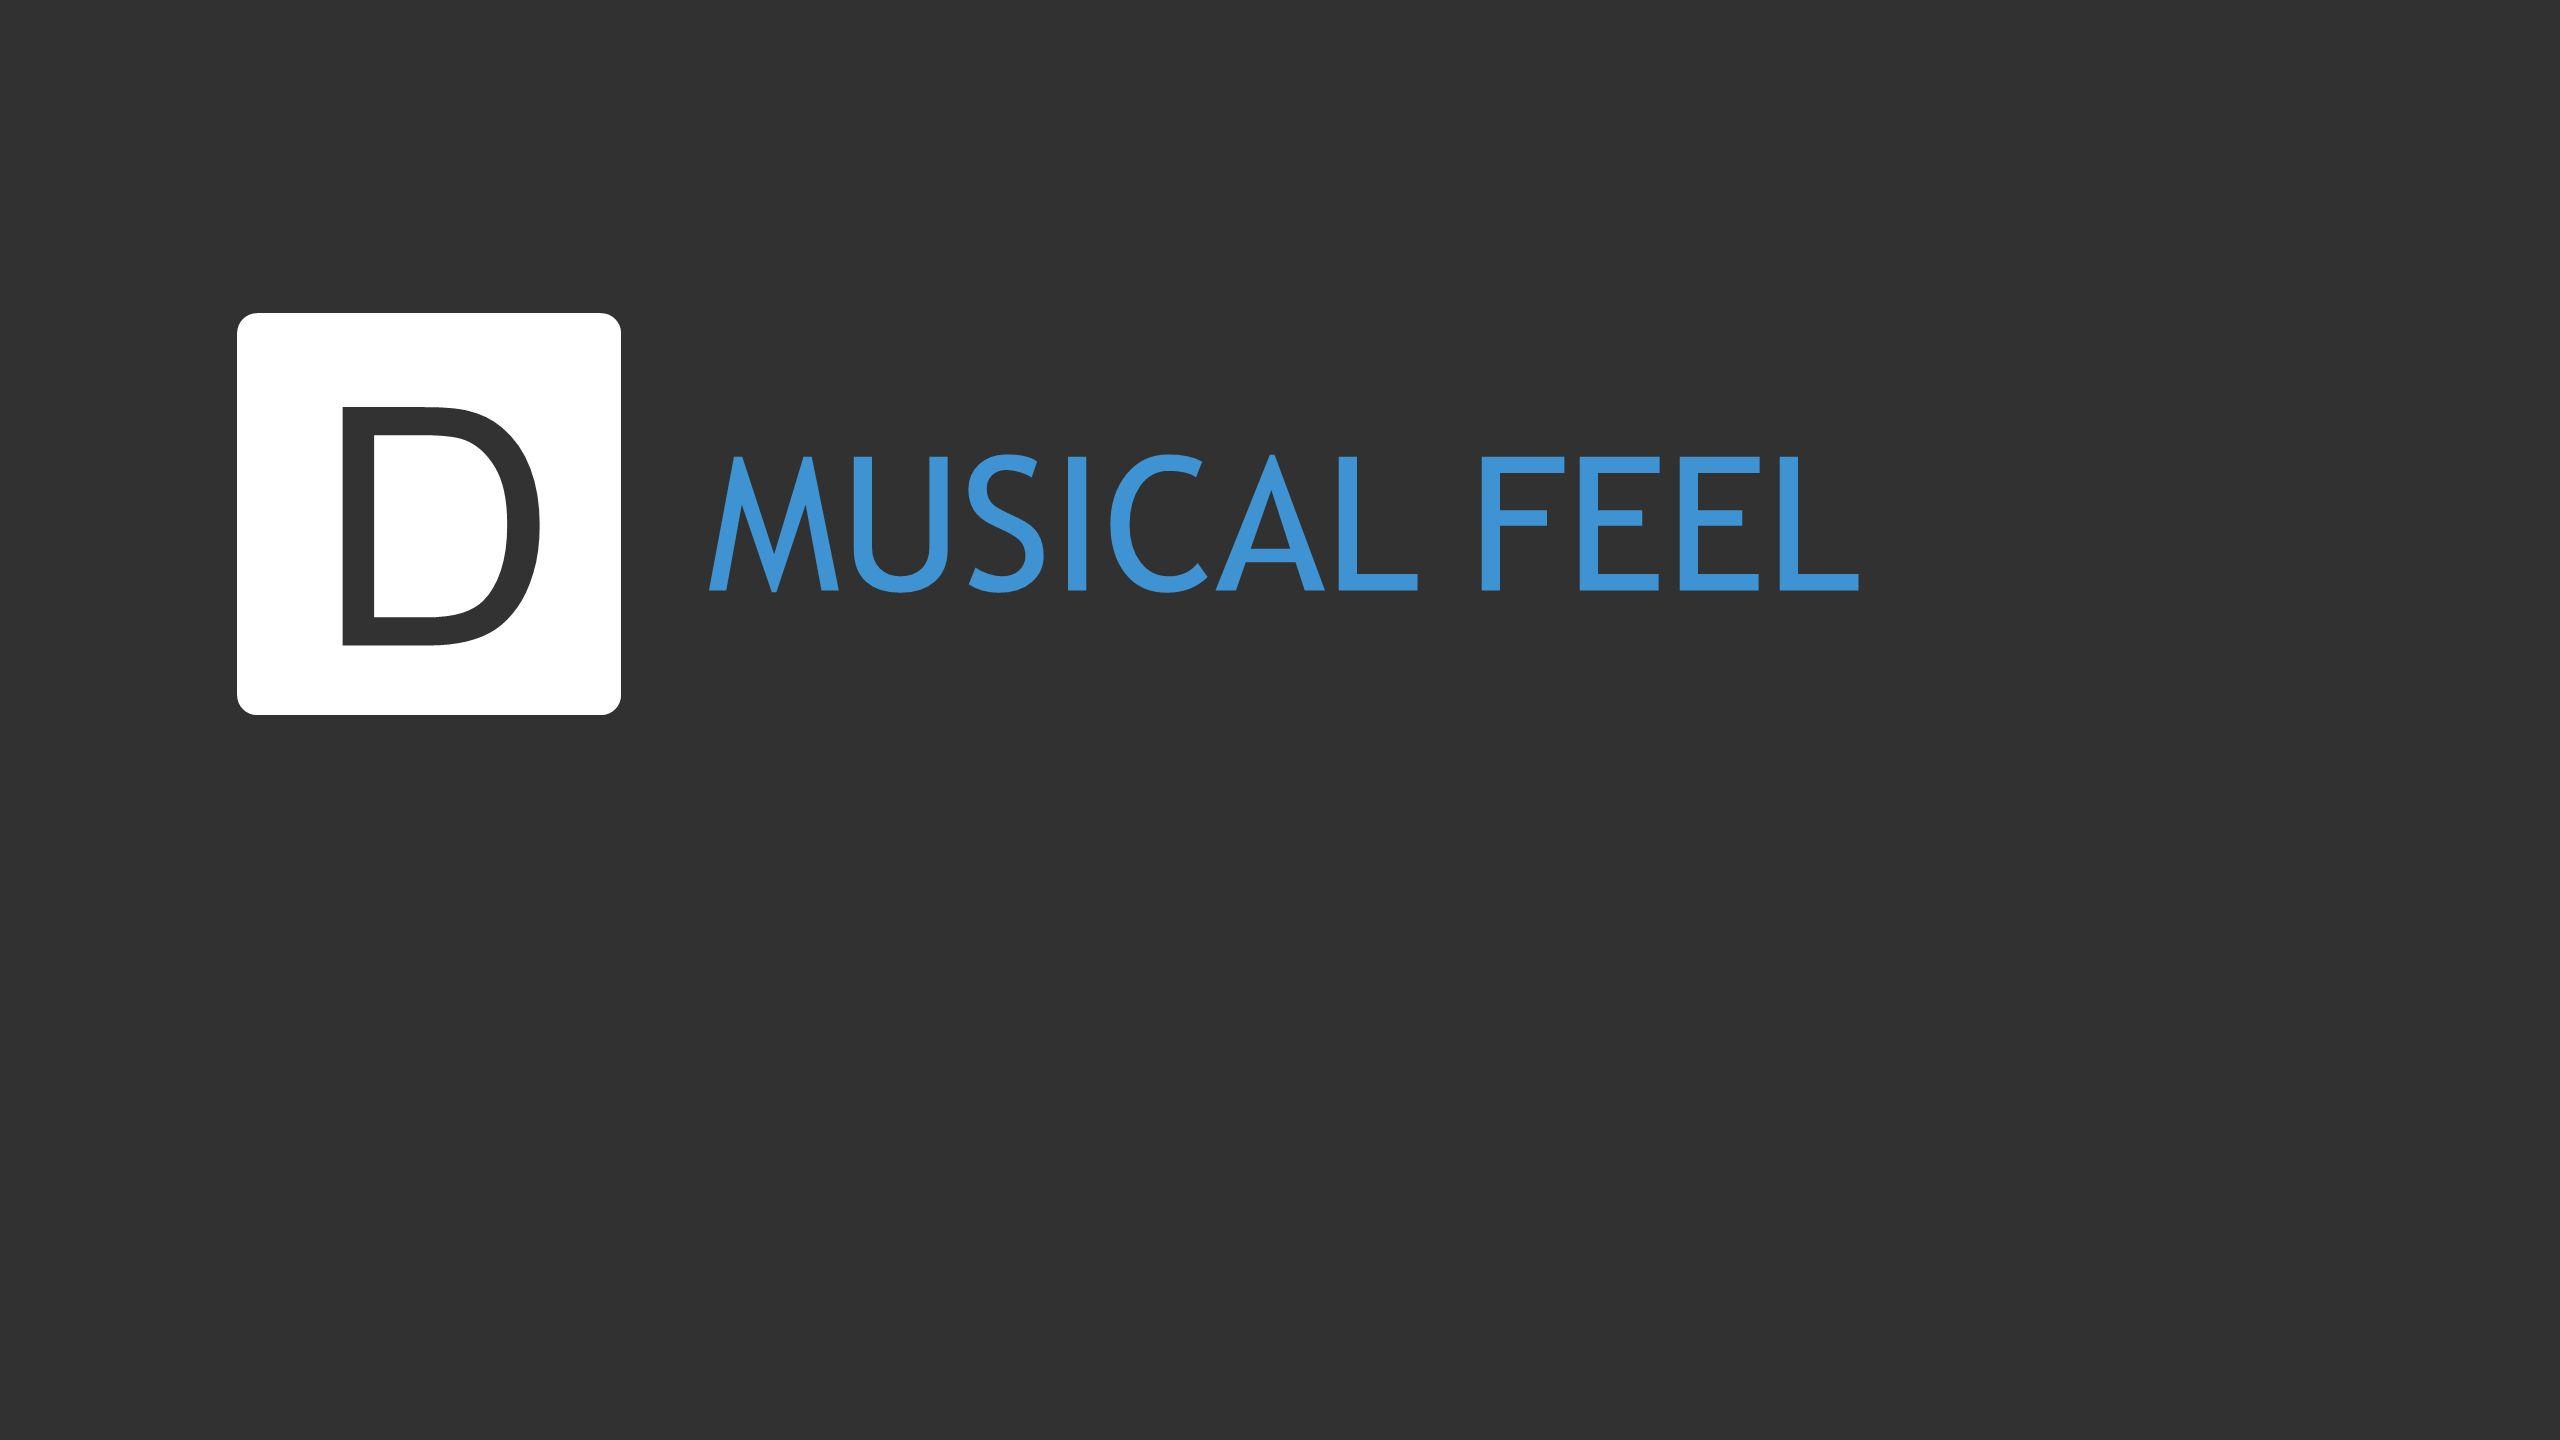 MUSICAL FEEL D